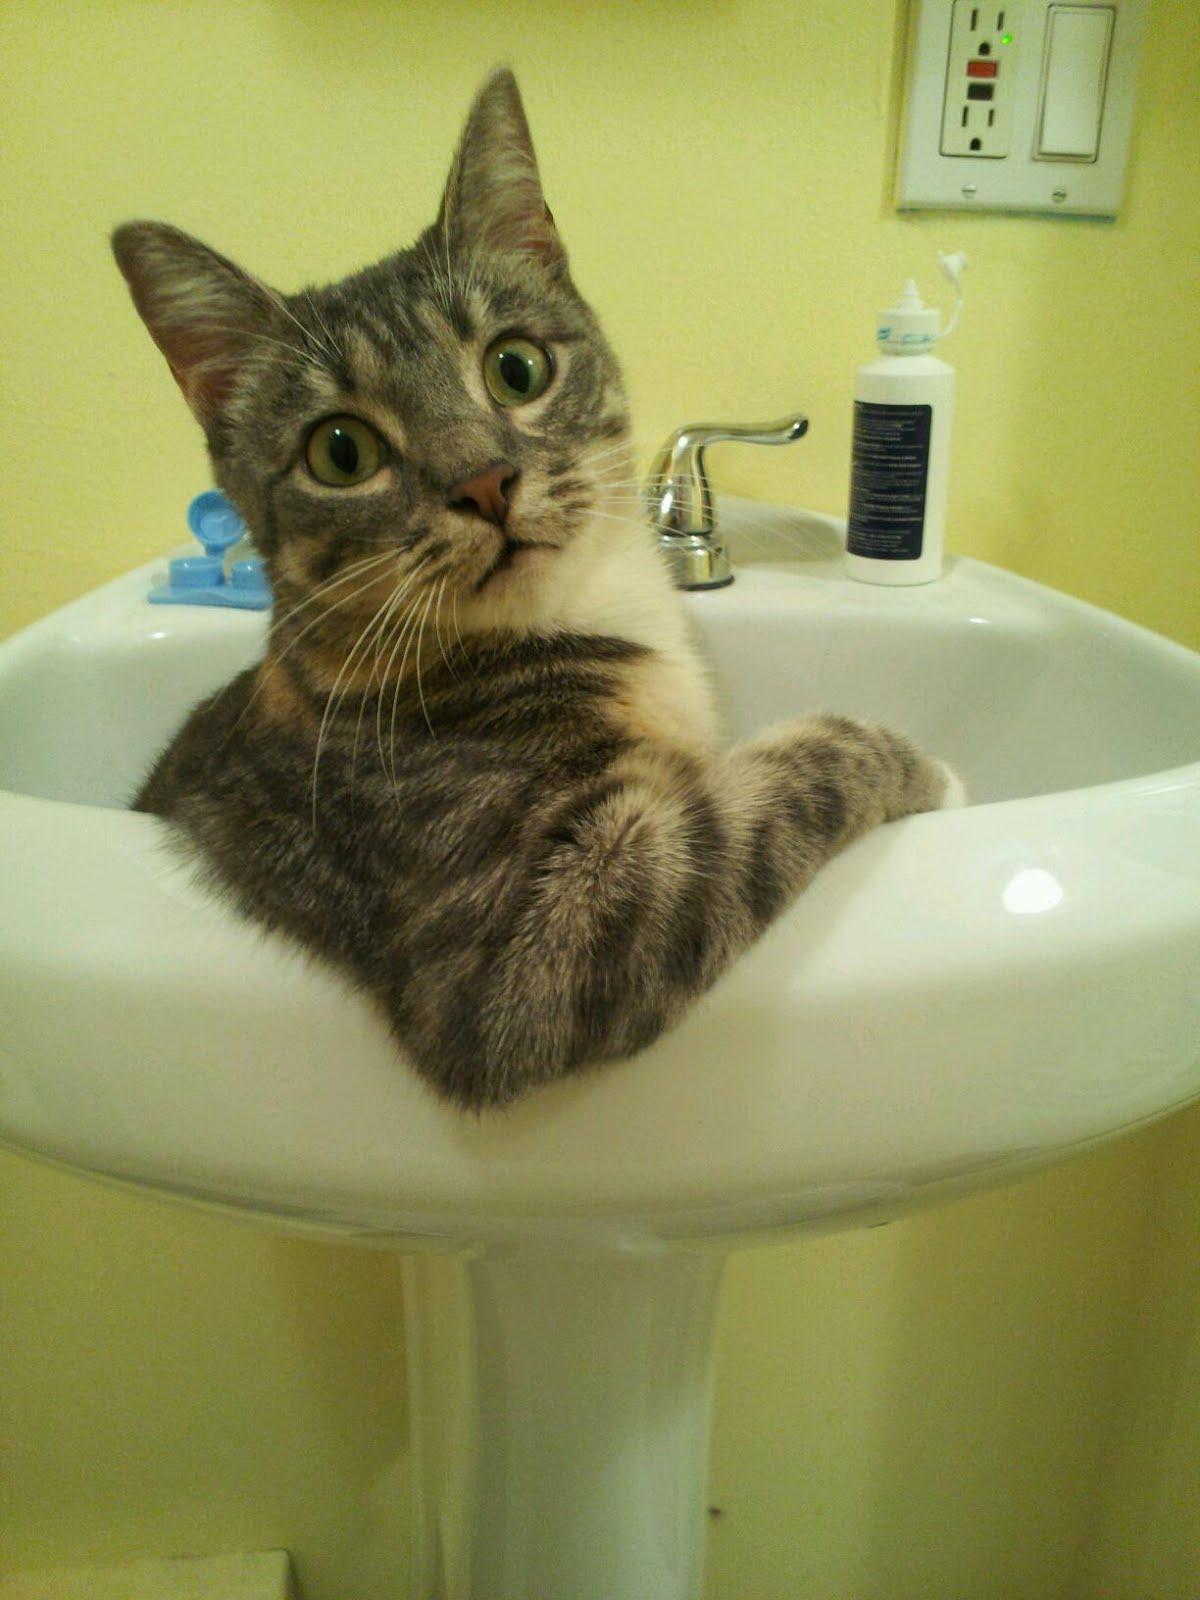 Кот с выпученными гразами сидит в раковине - прикольные коты 22-11-12